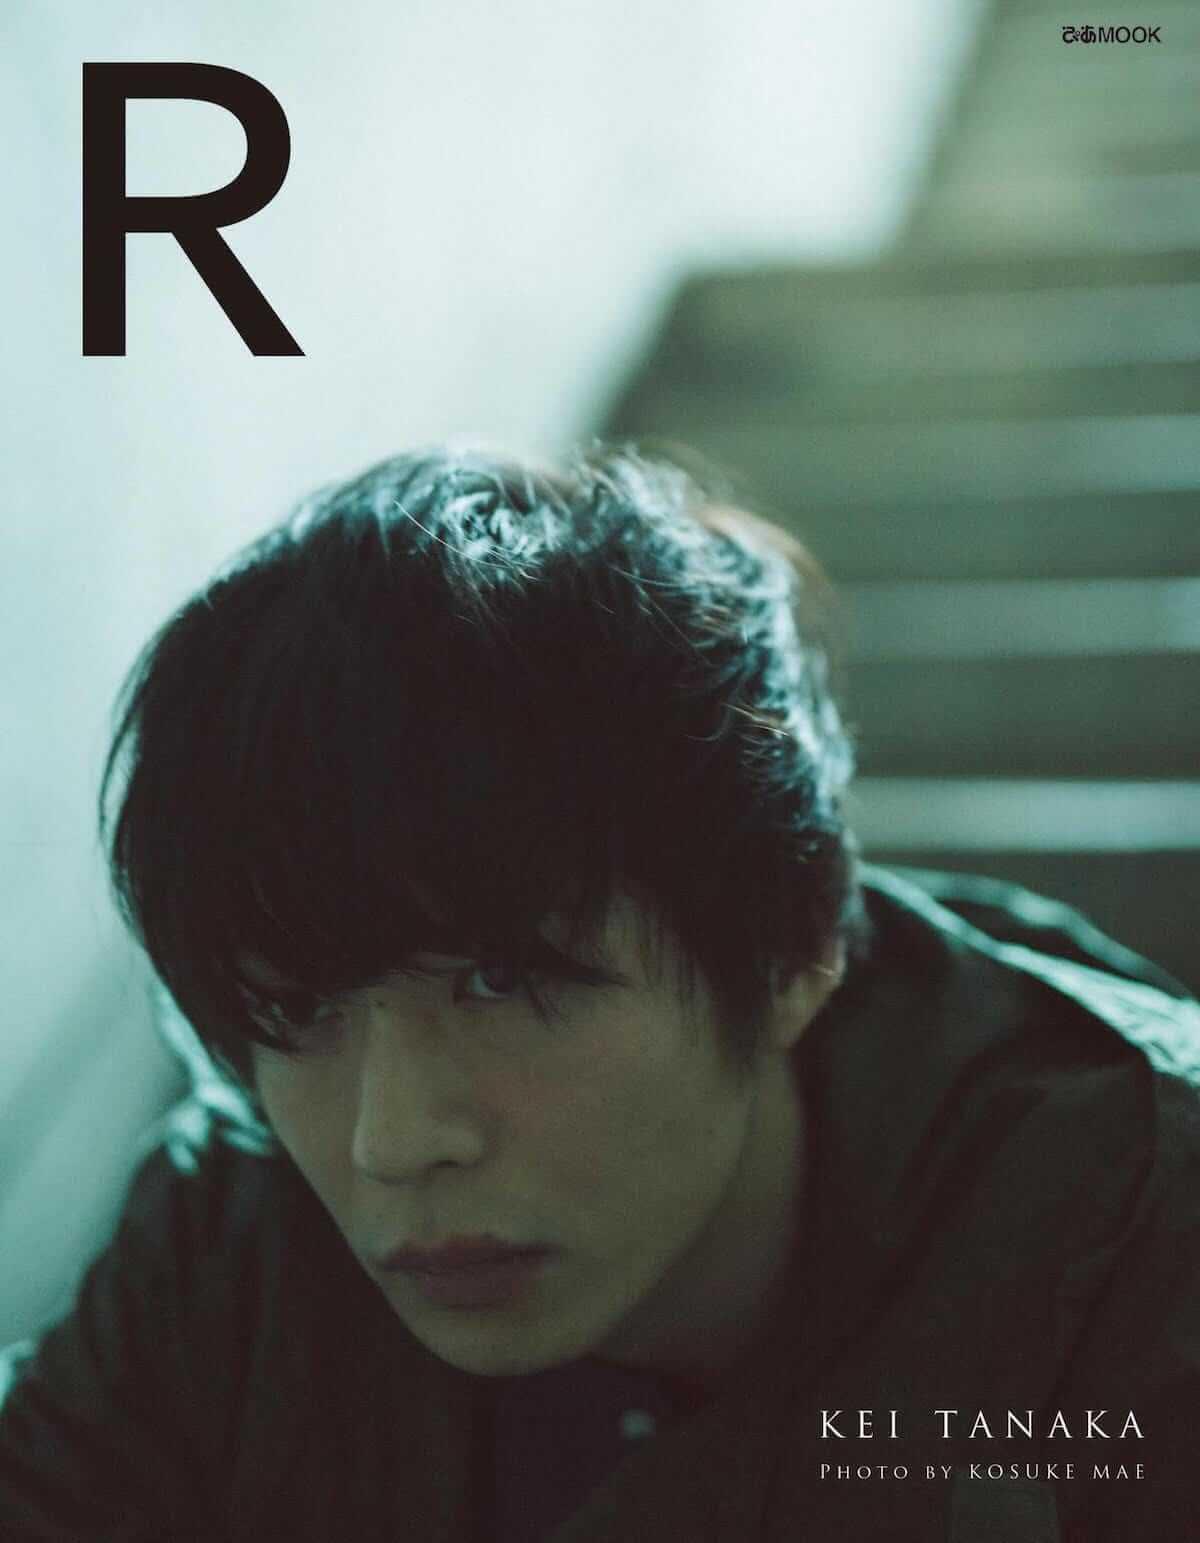 田中圭主演ドラマ『おっさんずラブ』ブームで写真集『R』が重版決定!魅力満載の写真集が再注目! art180710_tanakakei_1-1200x1543